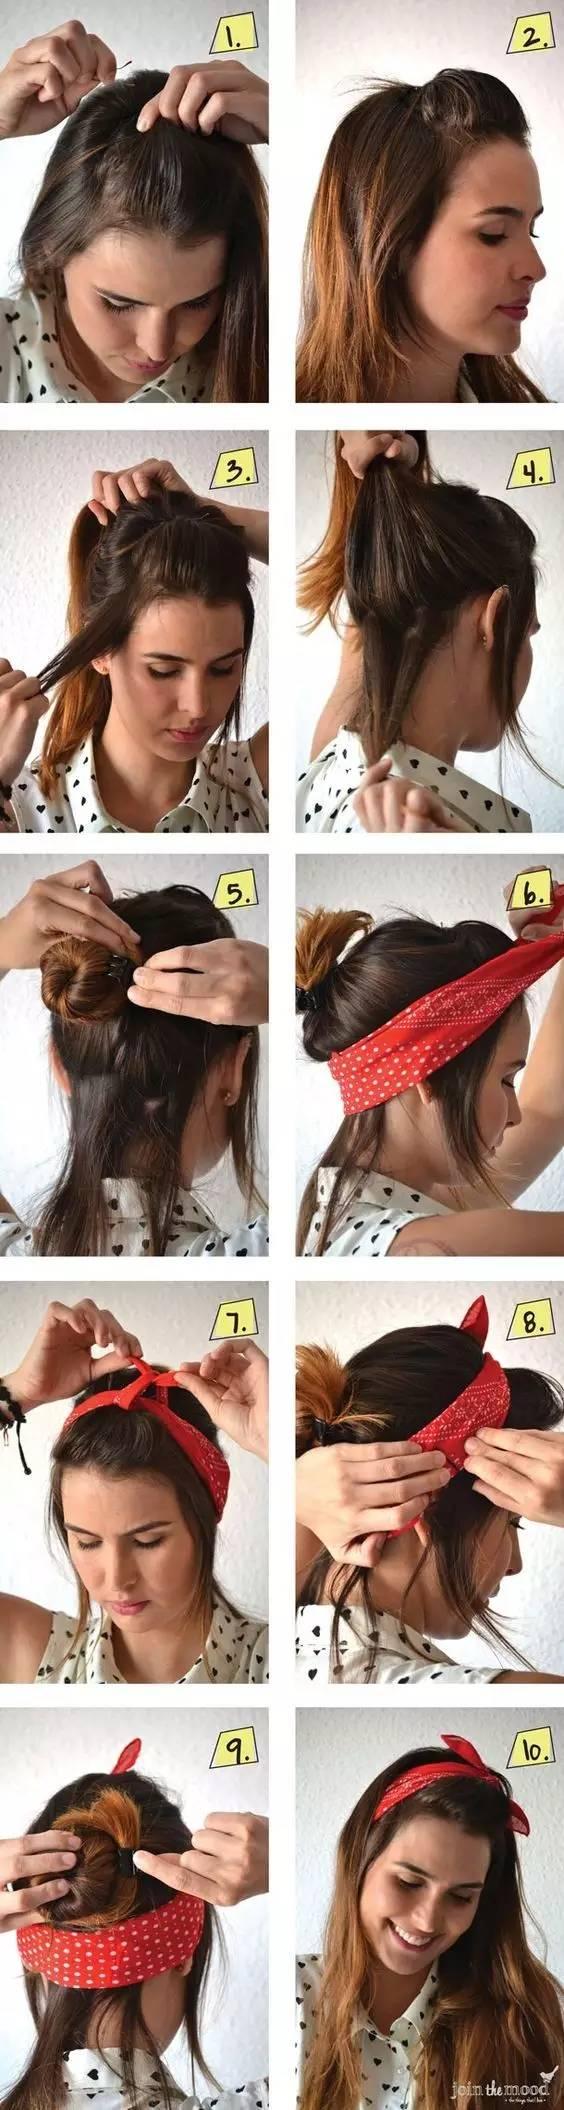 如上图所示,先固定发带,再用头发缠绕成公主头的样式.